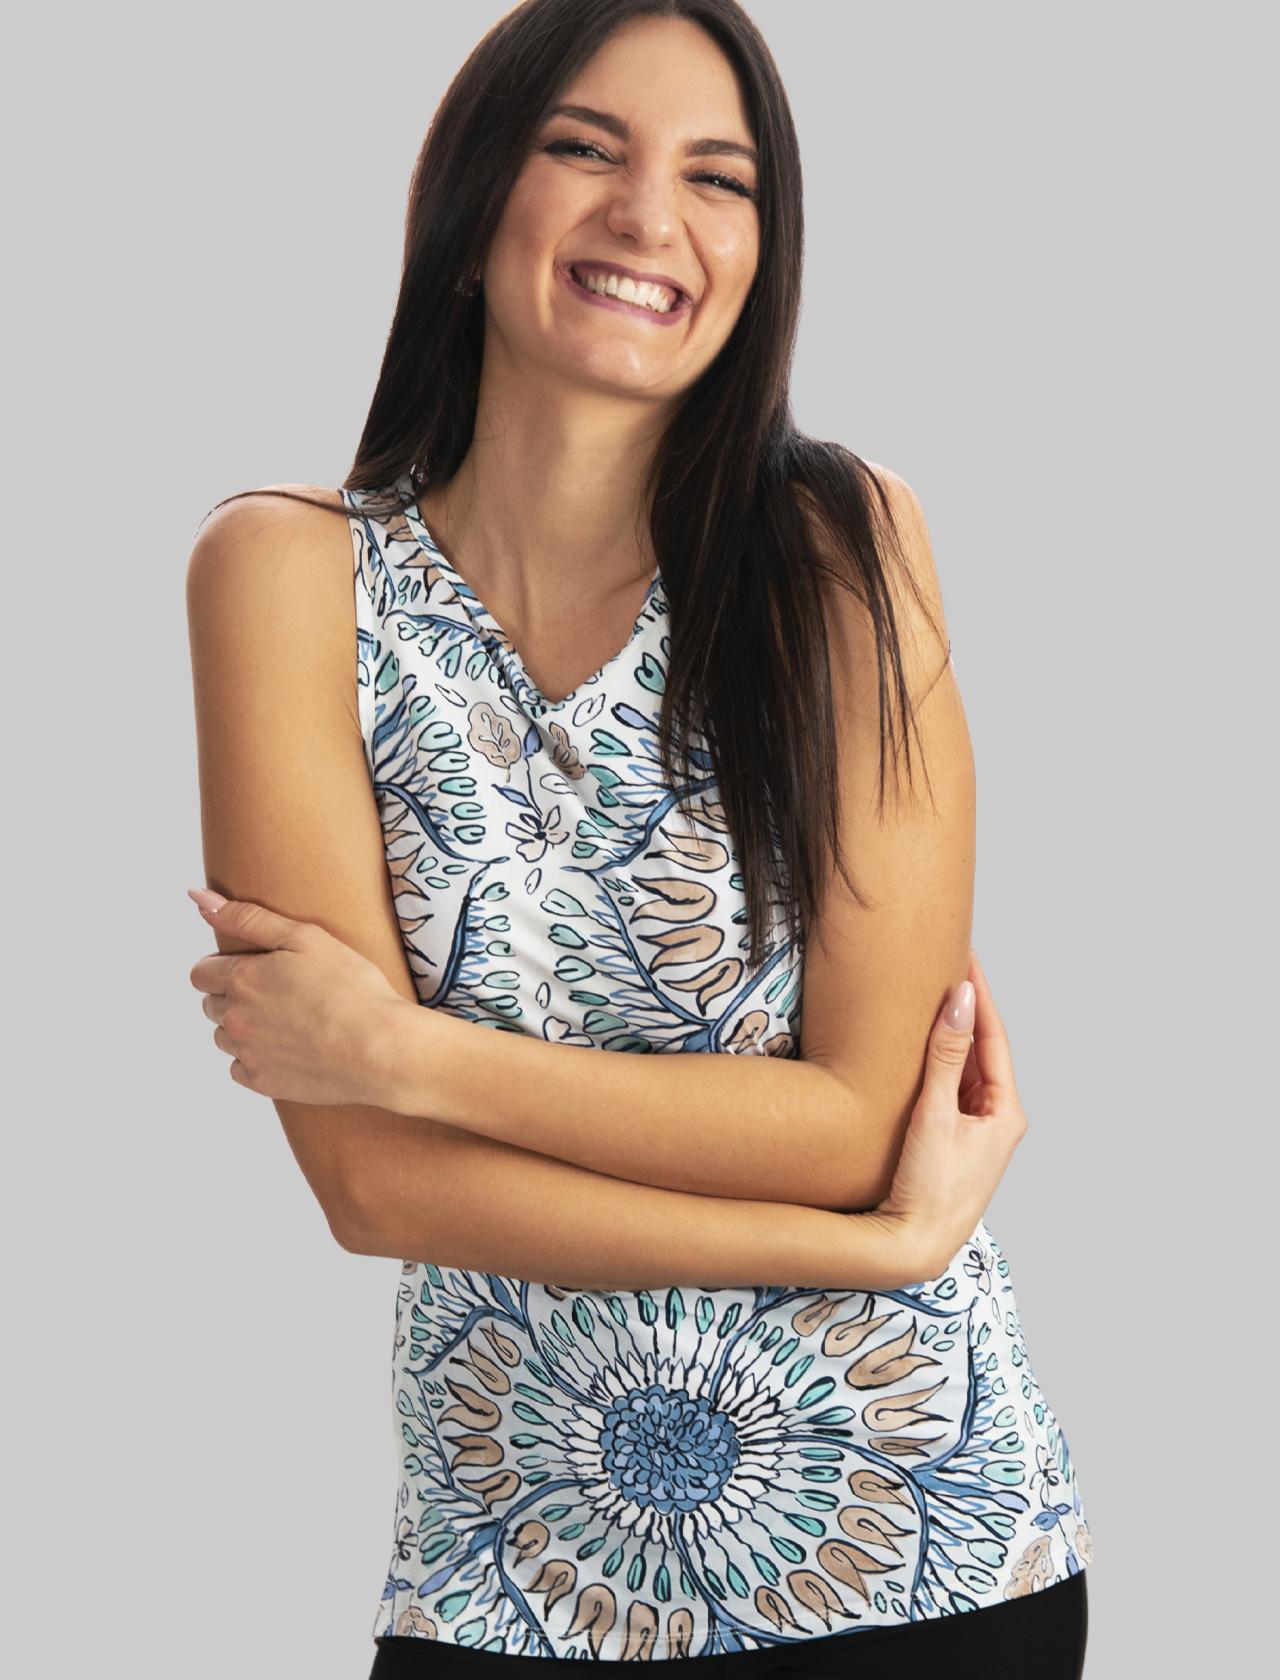 Abbigliamento Donna Top-welcome in Jersey Giromanica a Fantasia Azzurro Maliparmi   Camicie e Top   JP534870407A1846